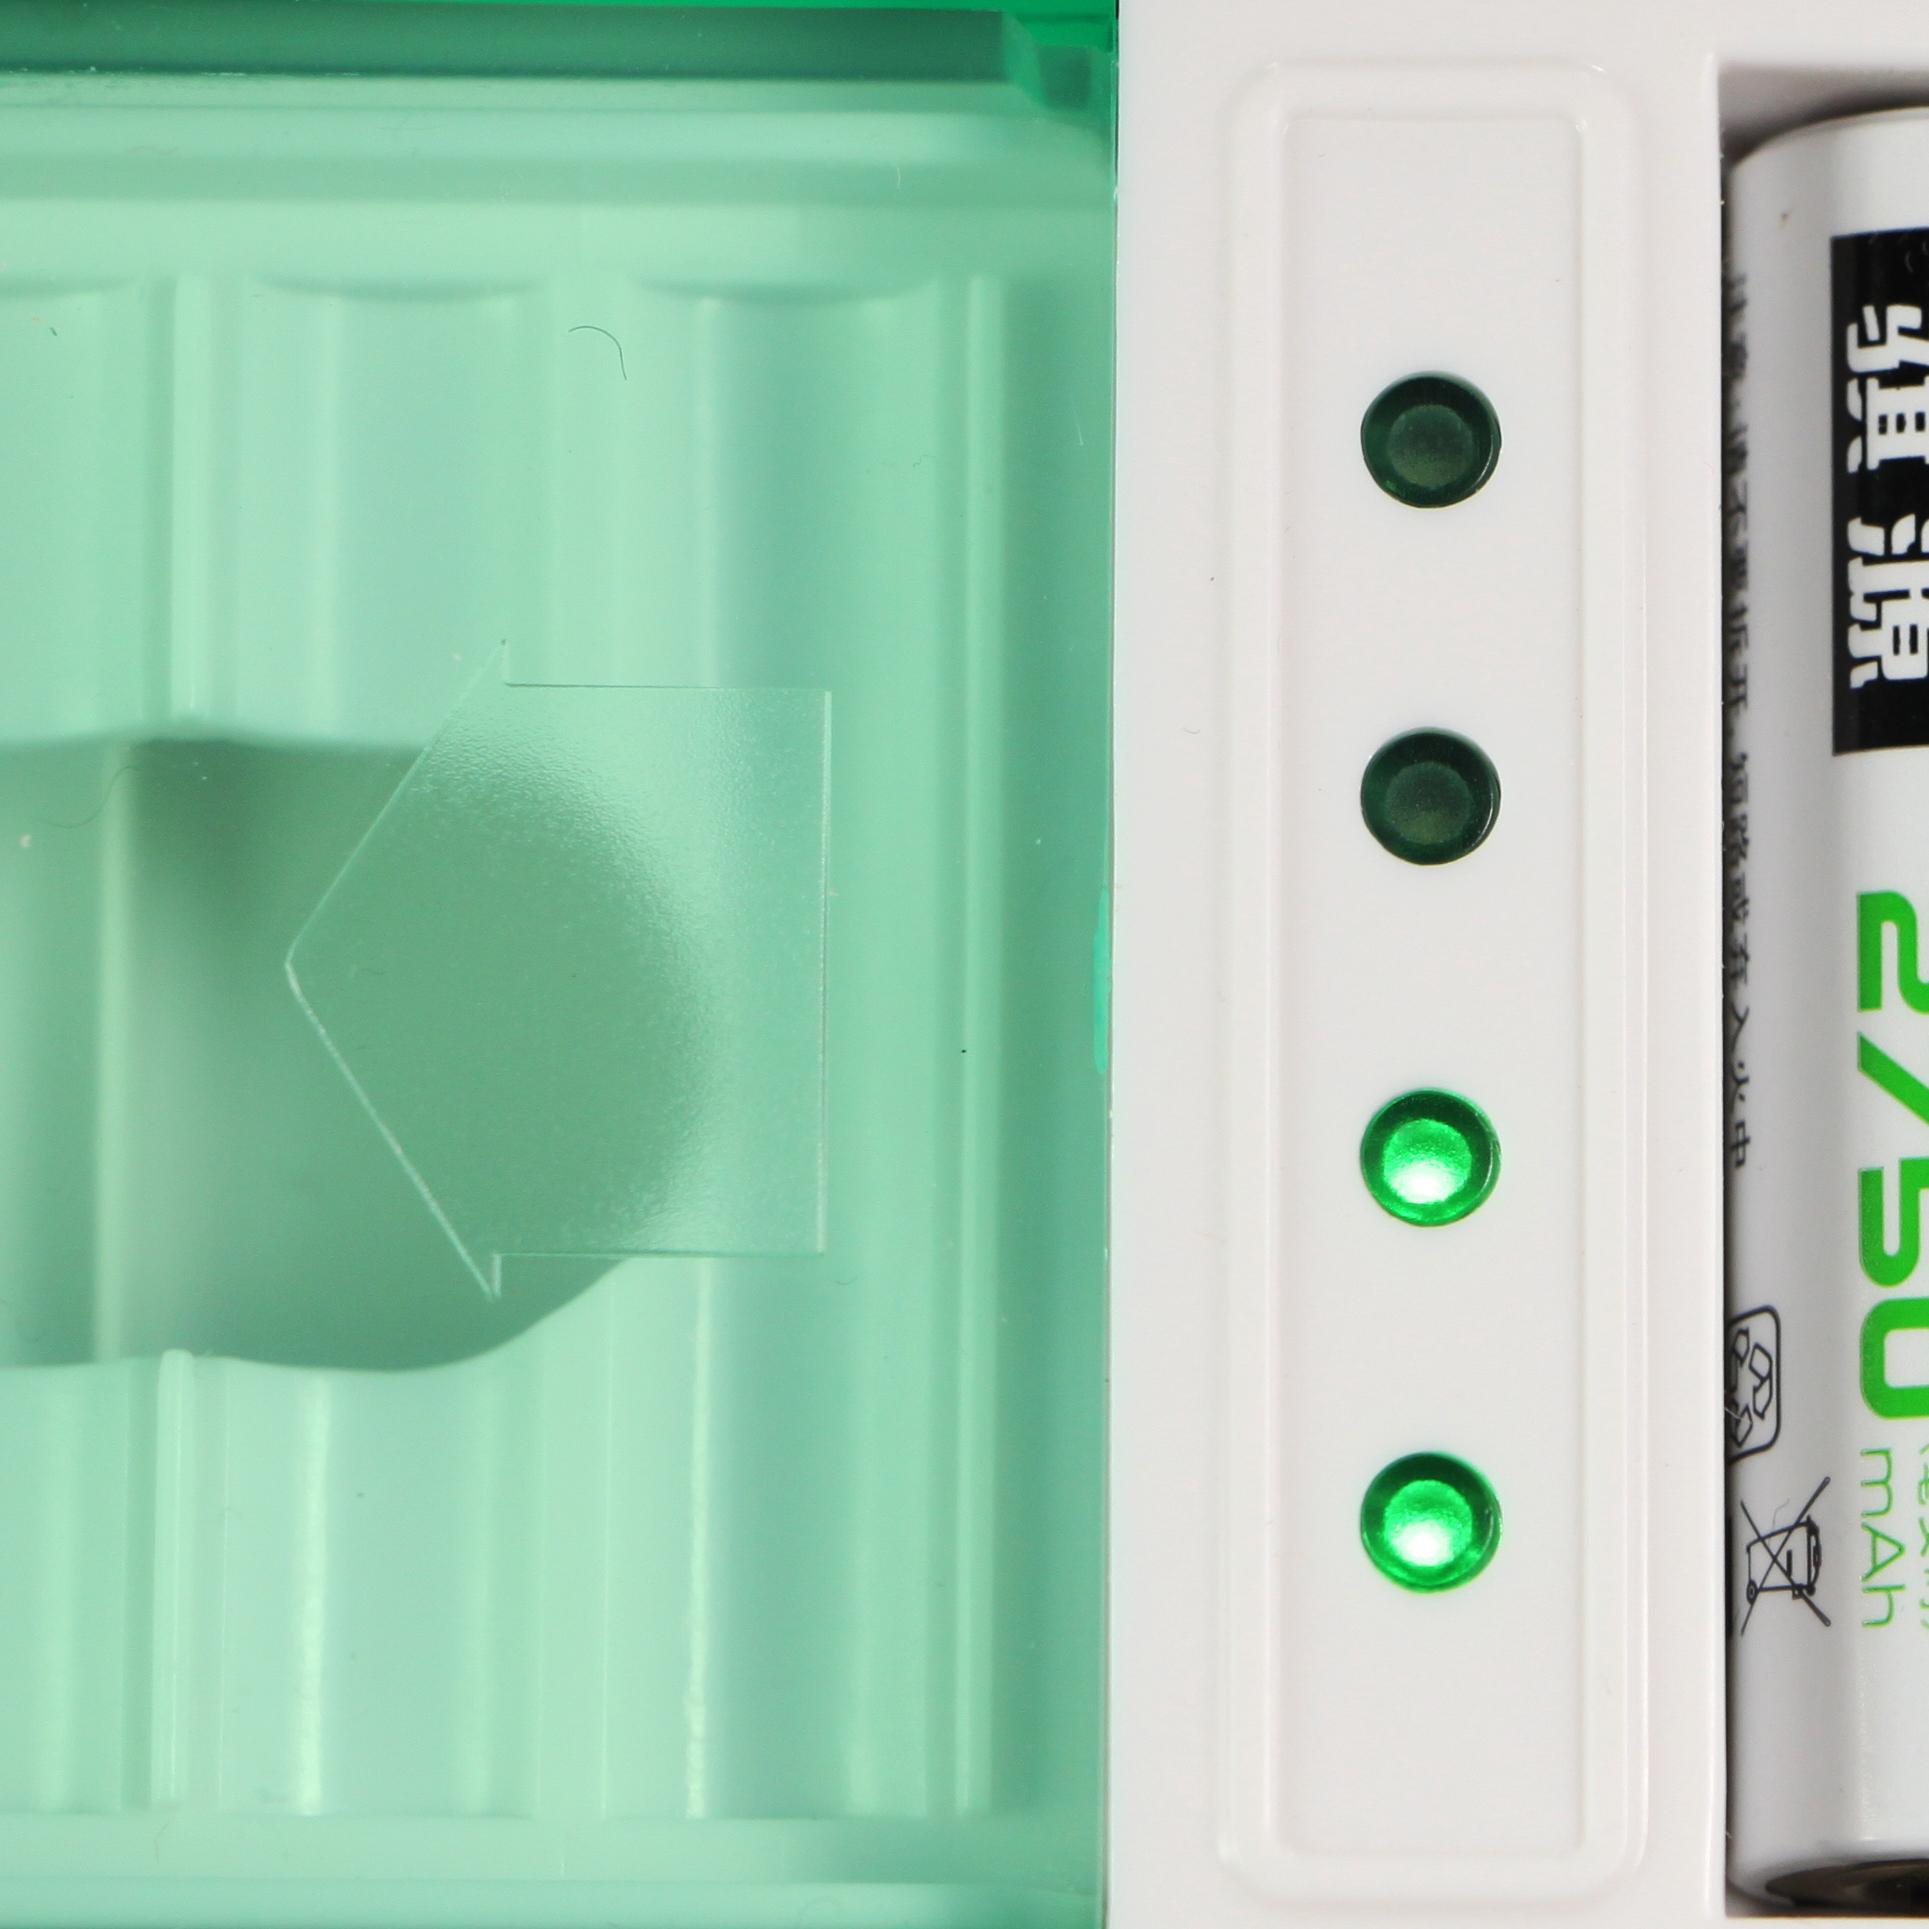 Бокс для хранения аккмуляторов Проверил электроприборы мира, единственный способ для проверки аккумулятора батареи хранения поле батареи хранения сокровищ 5-, 7-й батареи